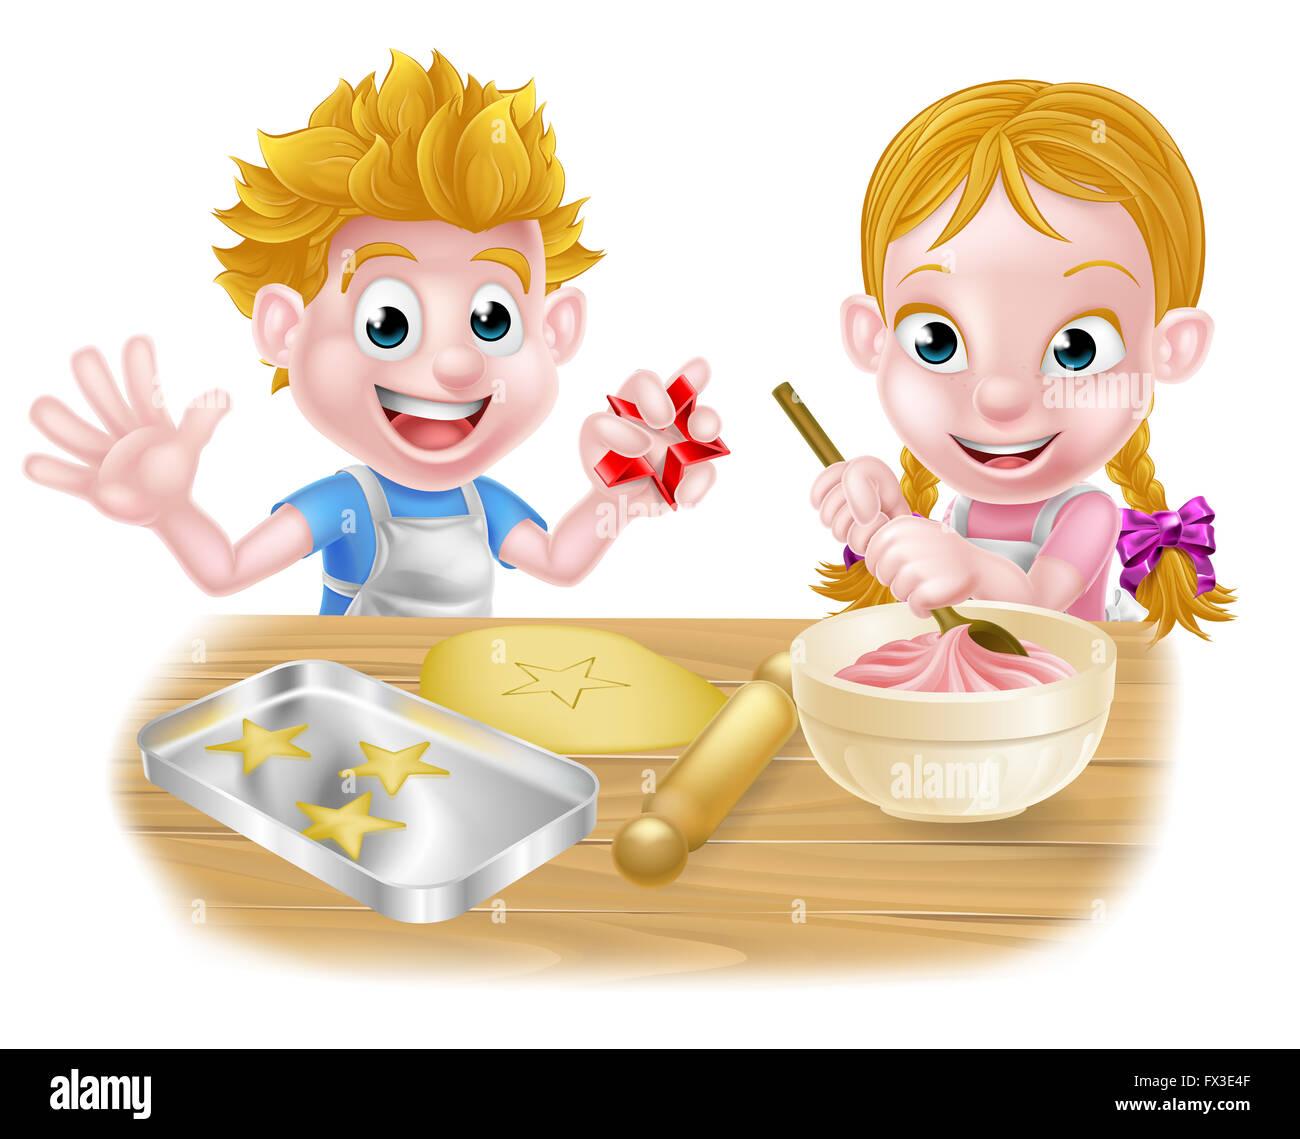 Cartoon kinder backen und kochen als k che in der k che stockfoto bild 102109855 alamy - Kawaii kochen ...